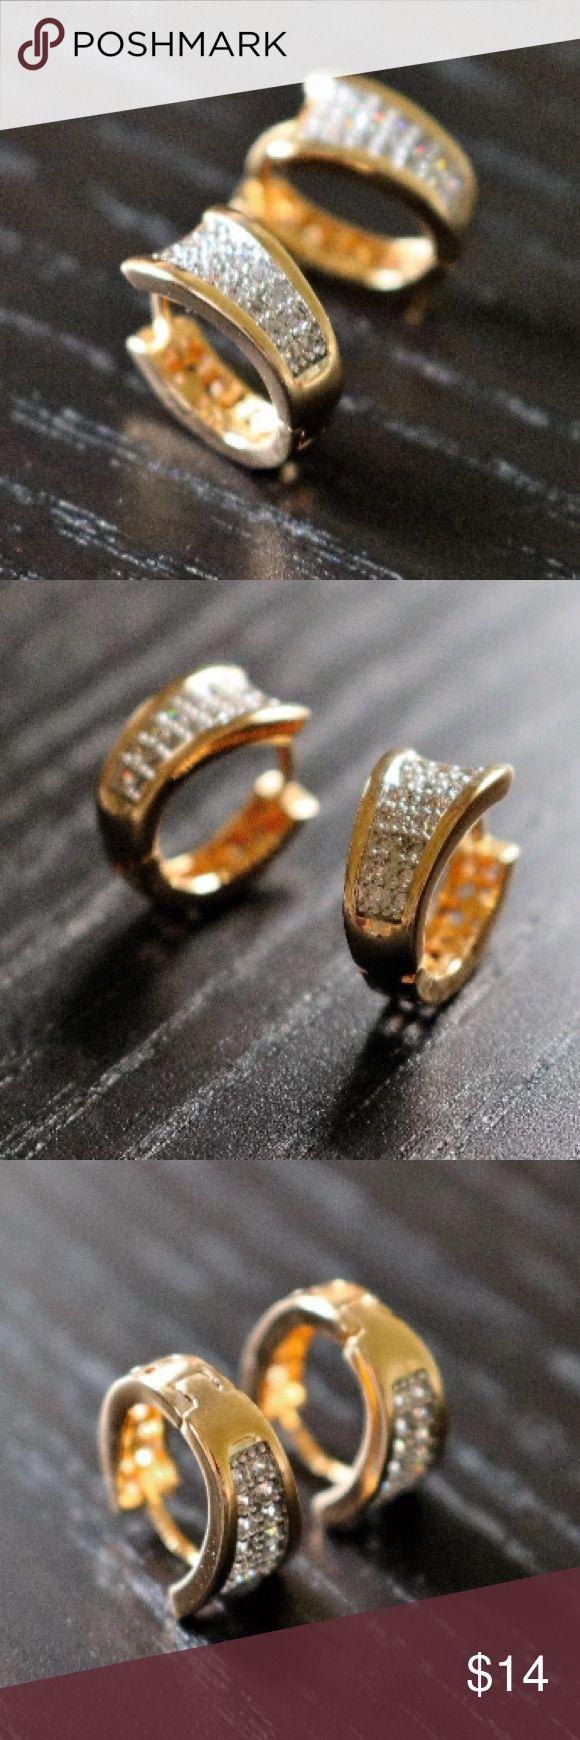 Selling This Hoop Earrings Male Earring Mens Earrings For Men On Poshmark!  My Username Is